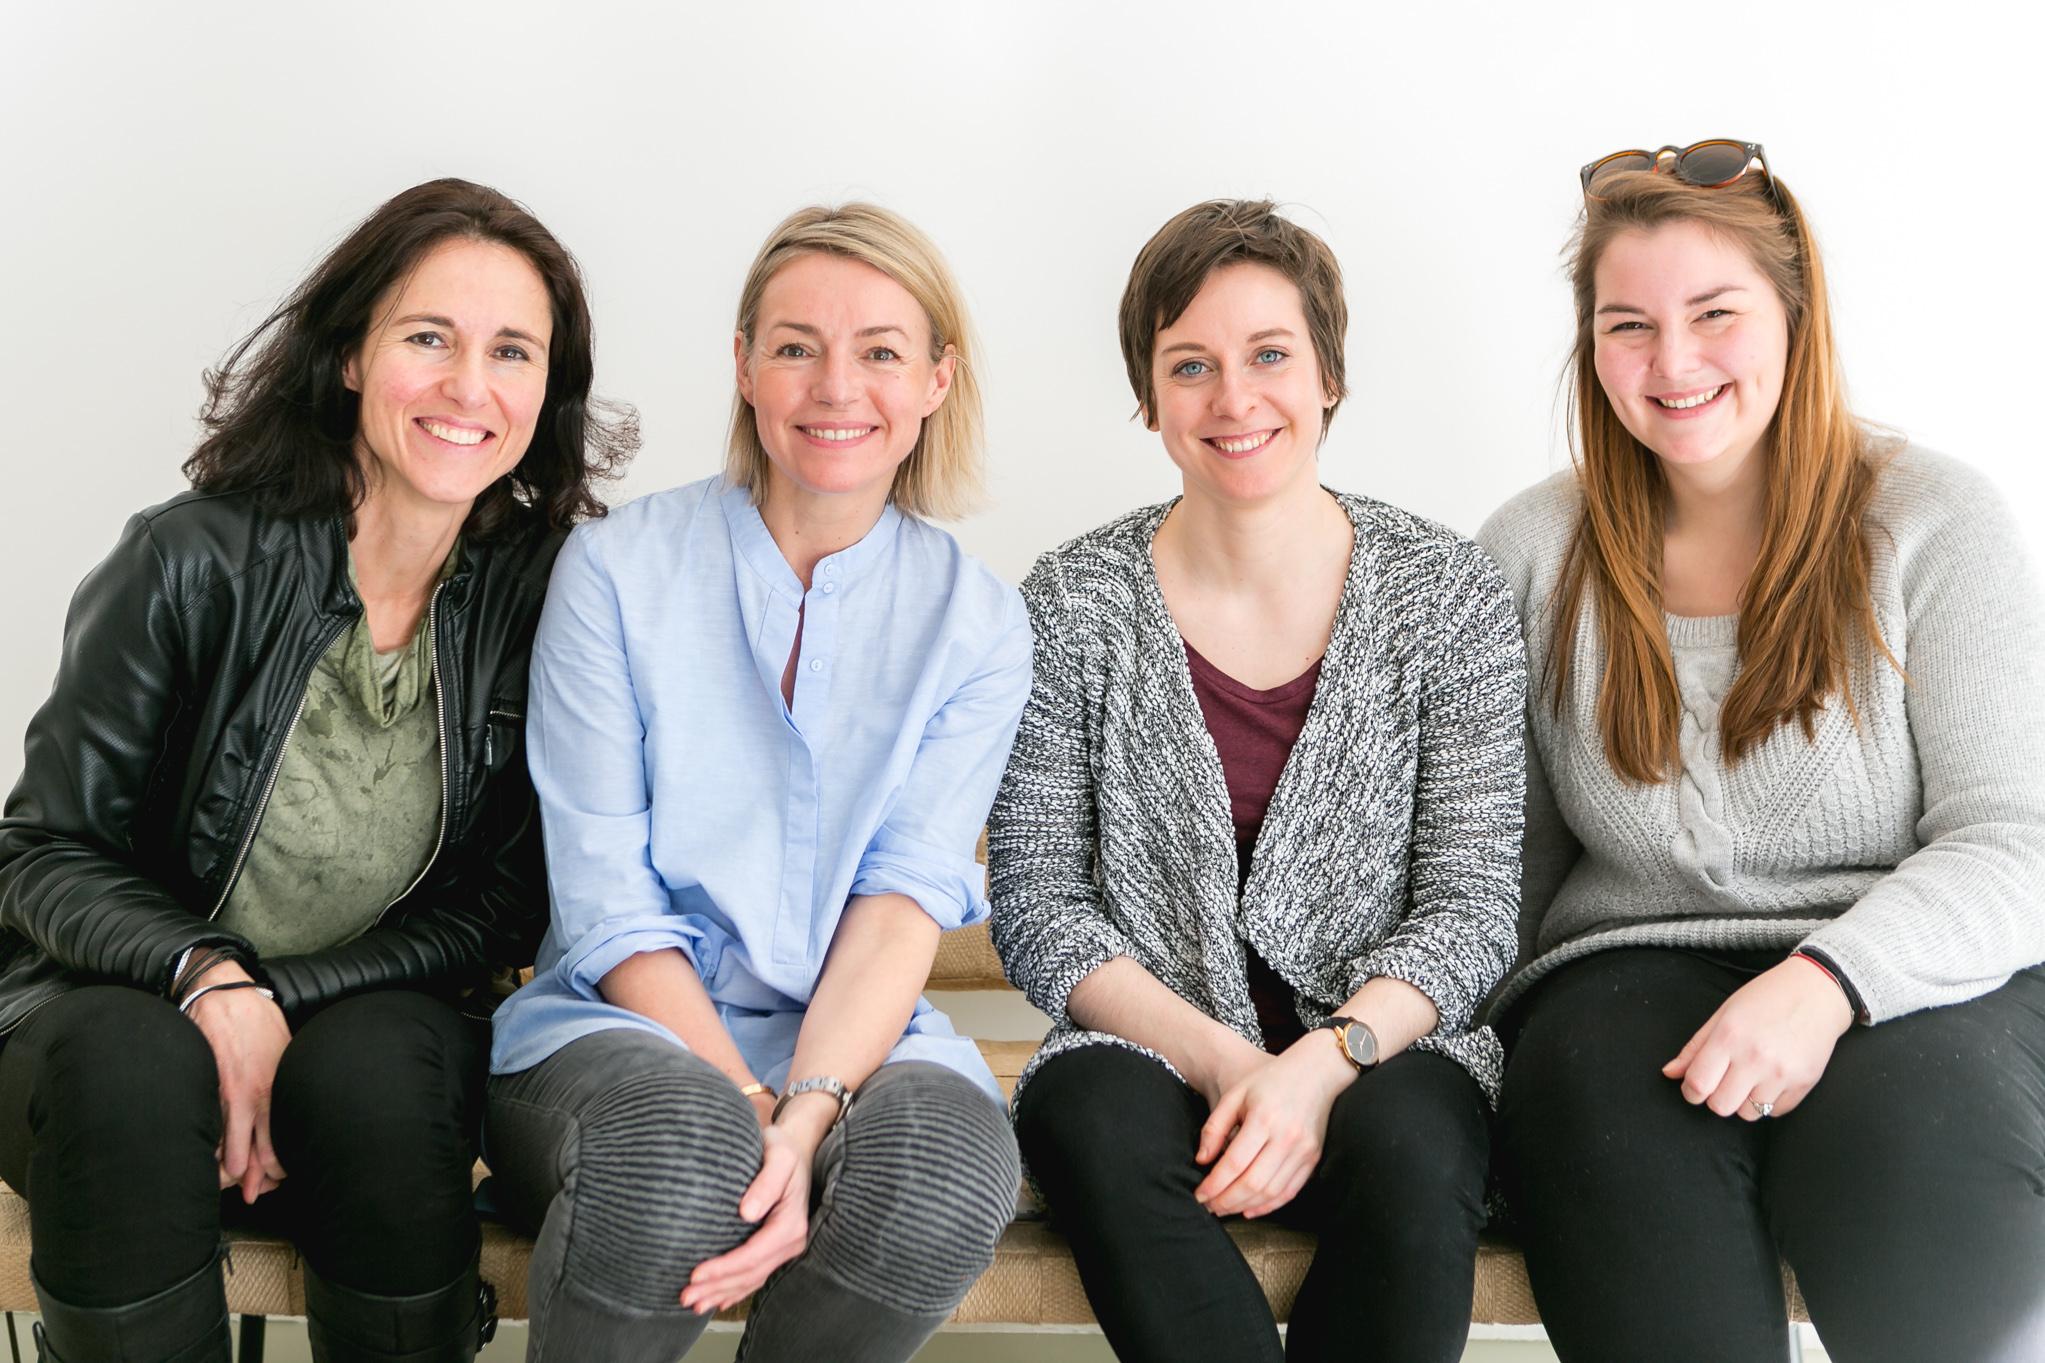 Die Frühaufsteher vom Verival-Team: Syliva, Alexandra, Sarah und Mara